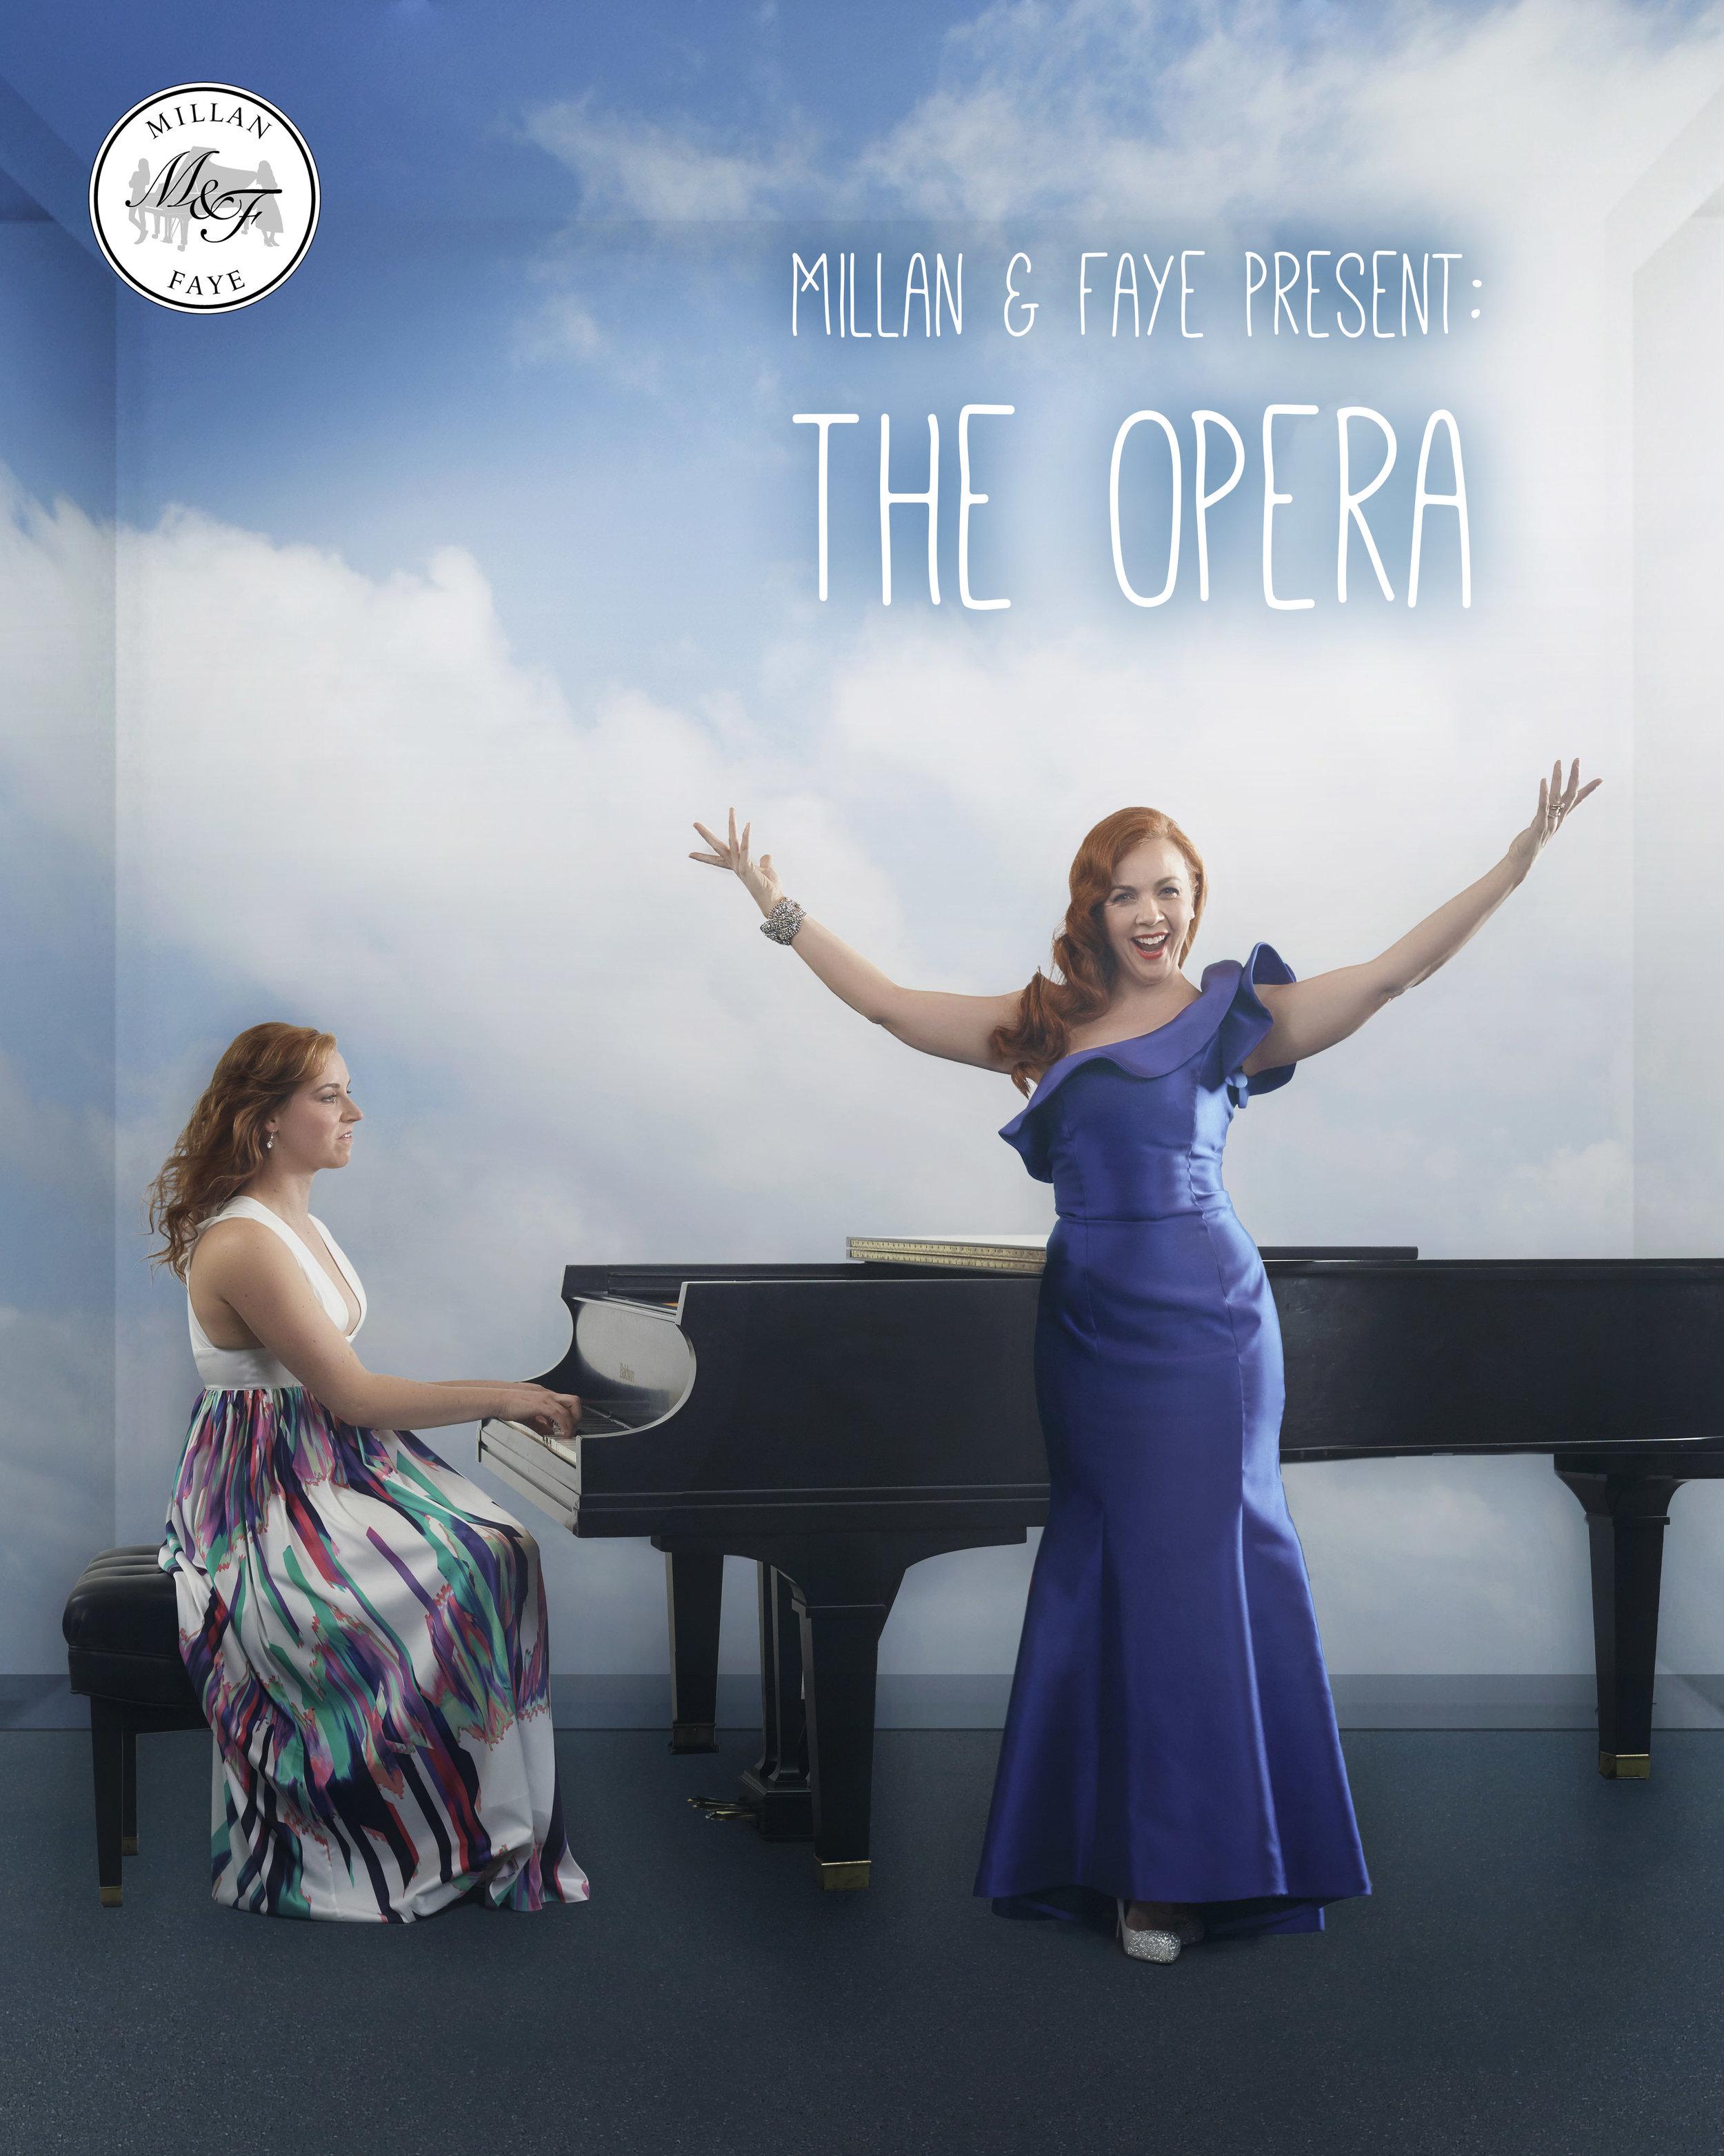 MillanFayePresent_The Opera_Blue Photo_V3.jpg